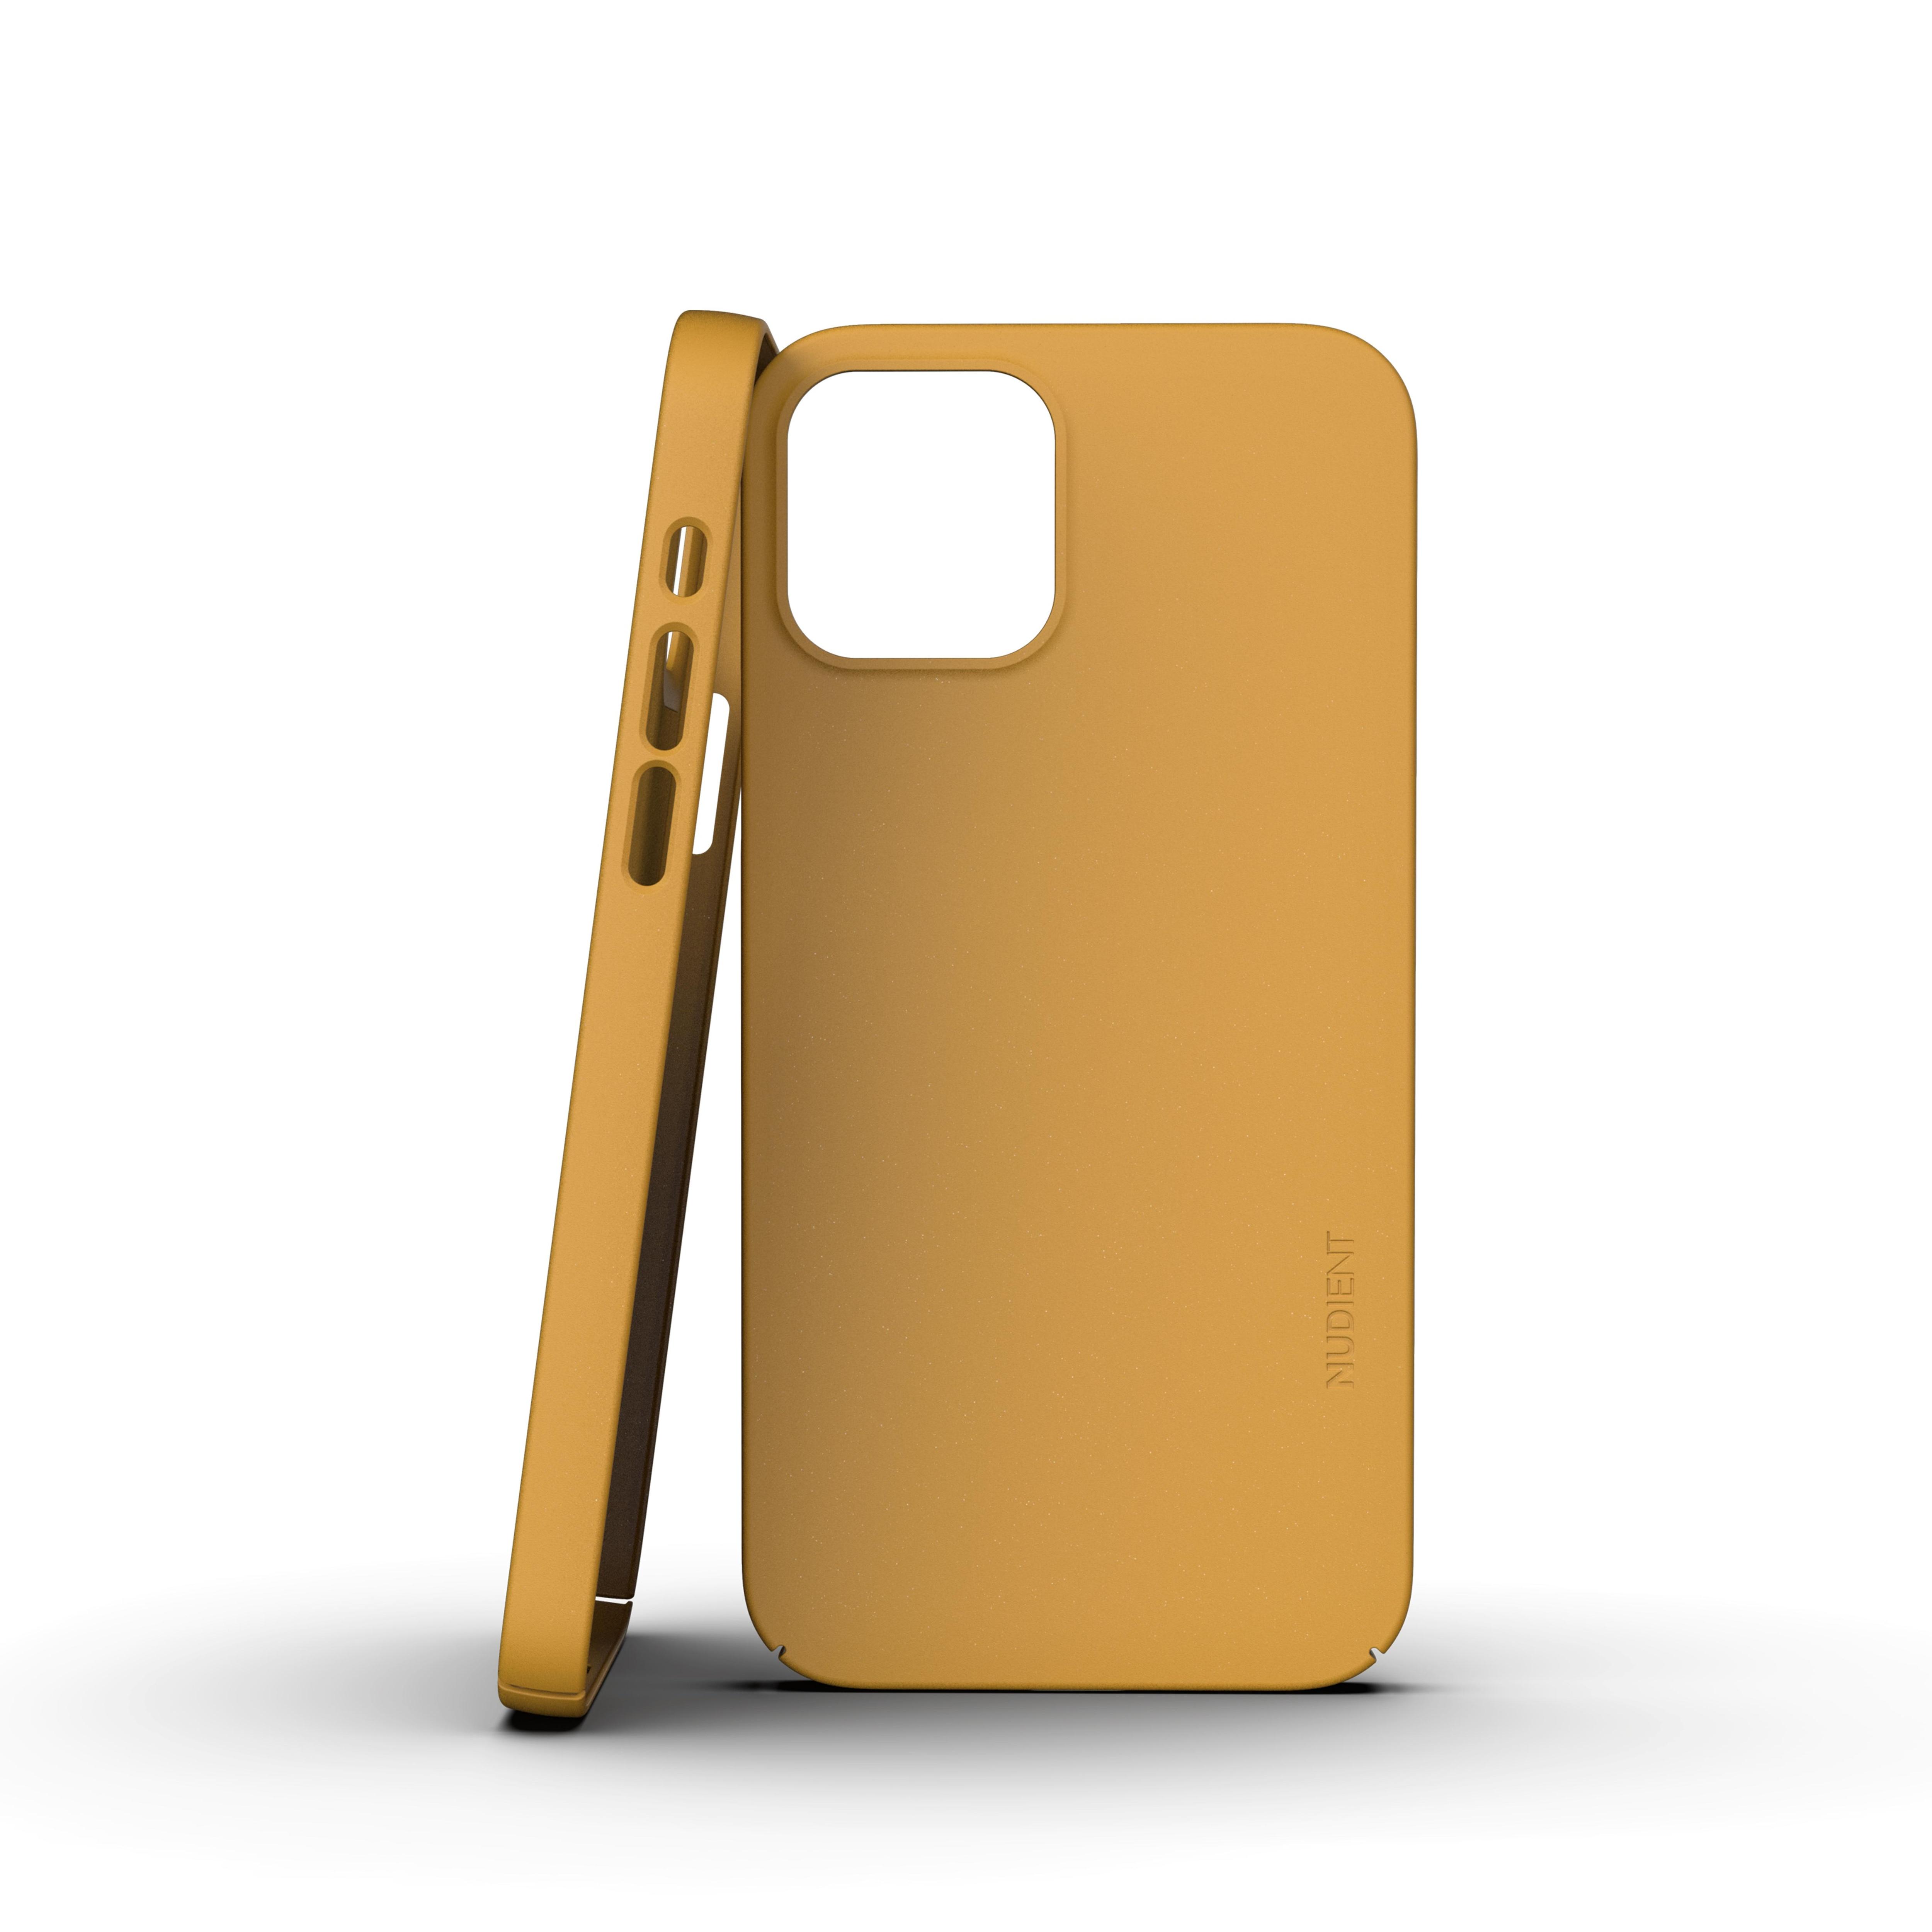 Thin Case V3 iPhone 12 Pro Max Saffron Yellow